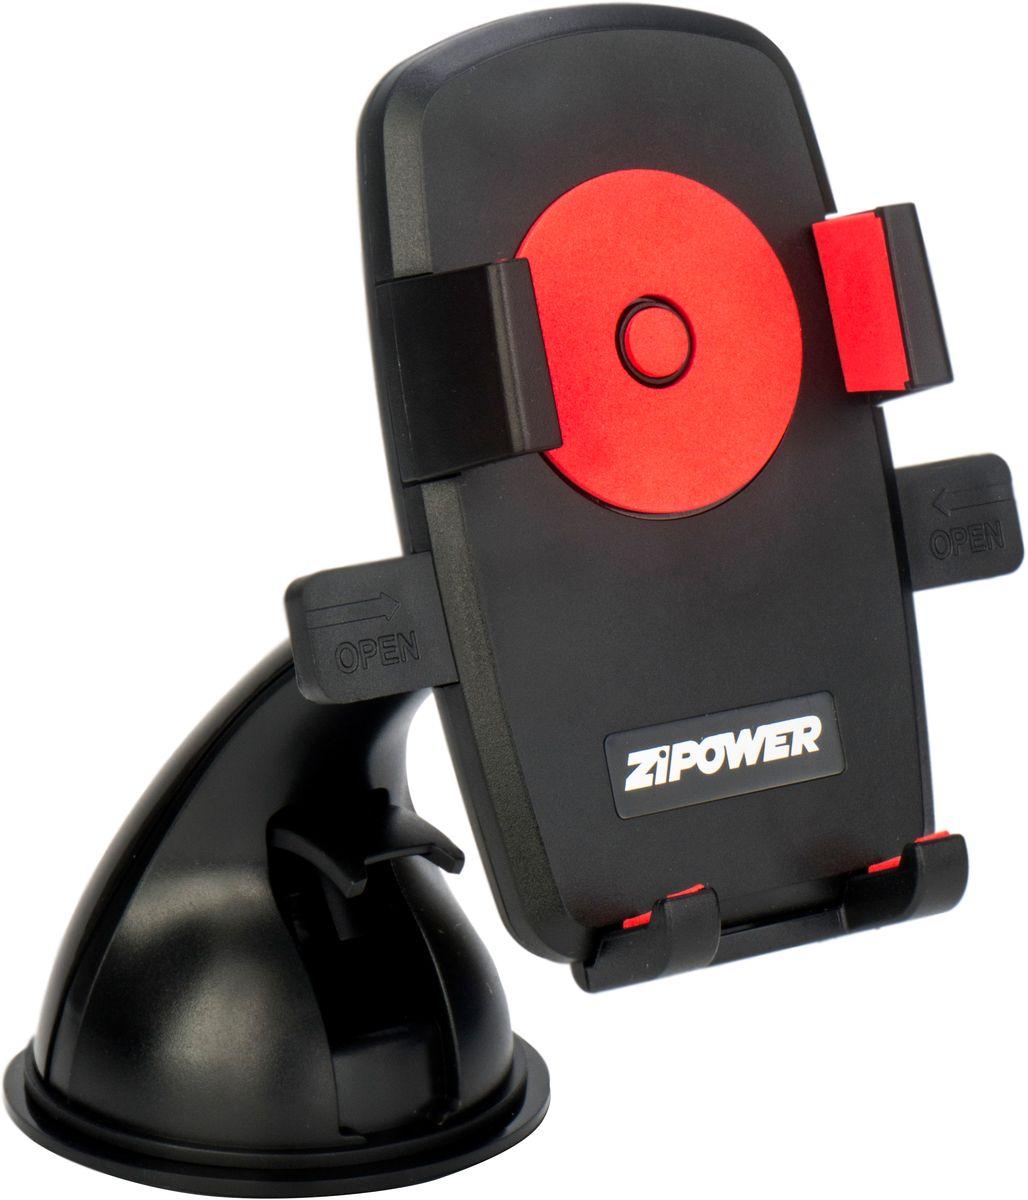 Держатель автомобильный Zipower, для телефона, 50-80 мм. PM 6627 держатель автомобильный zipower для телефона 50 80 мм pm 6627